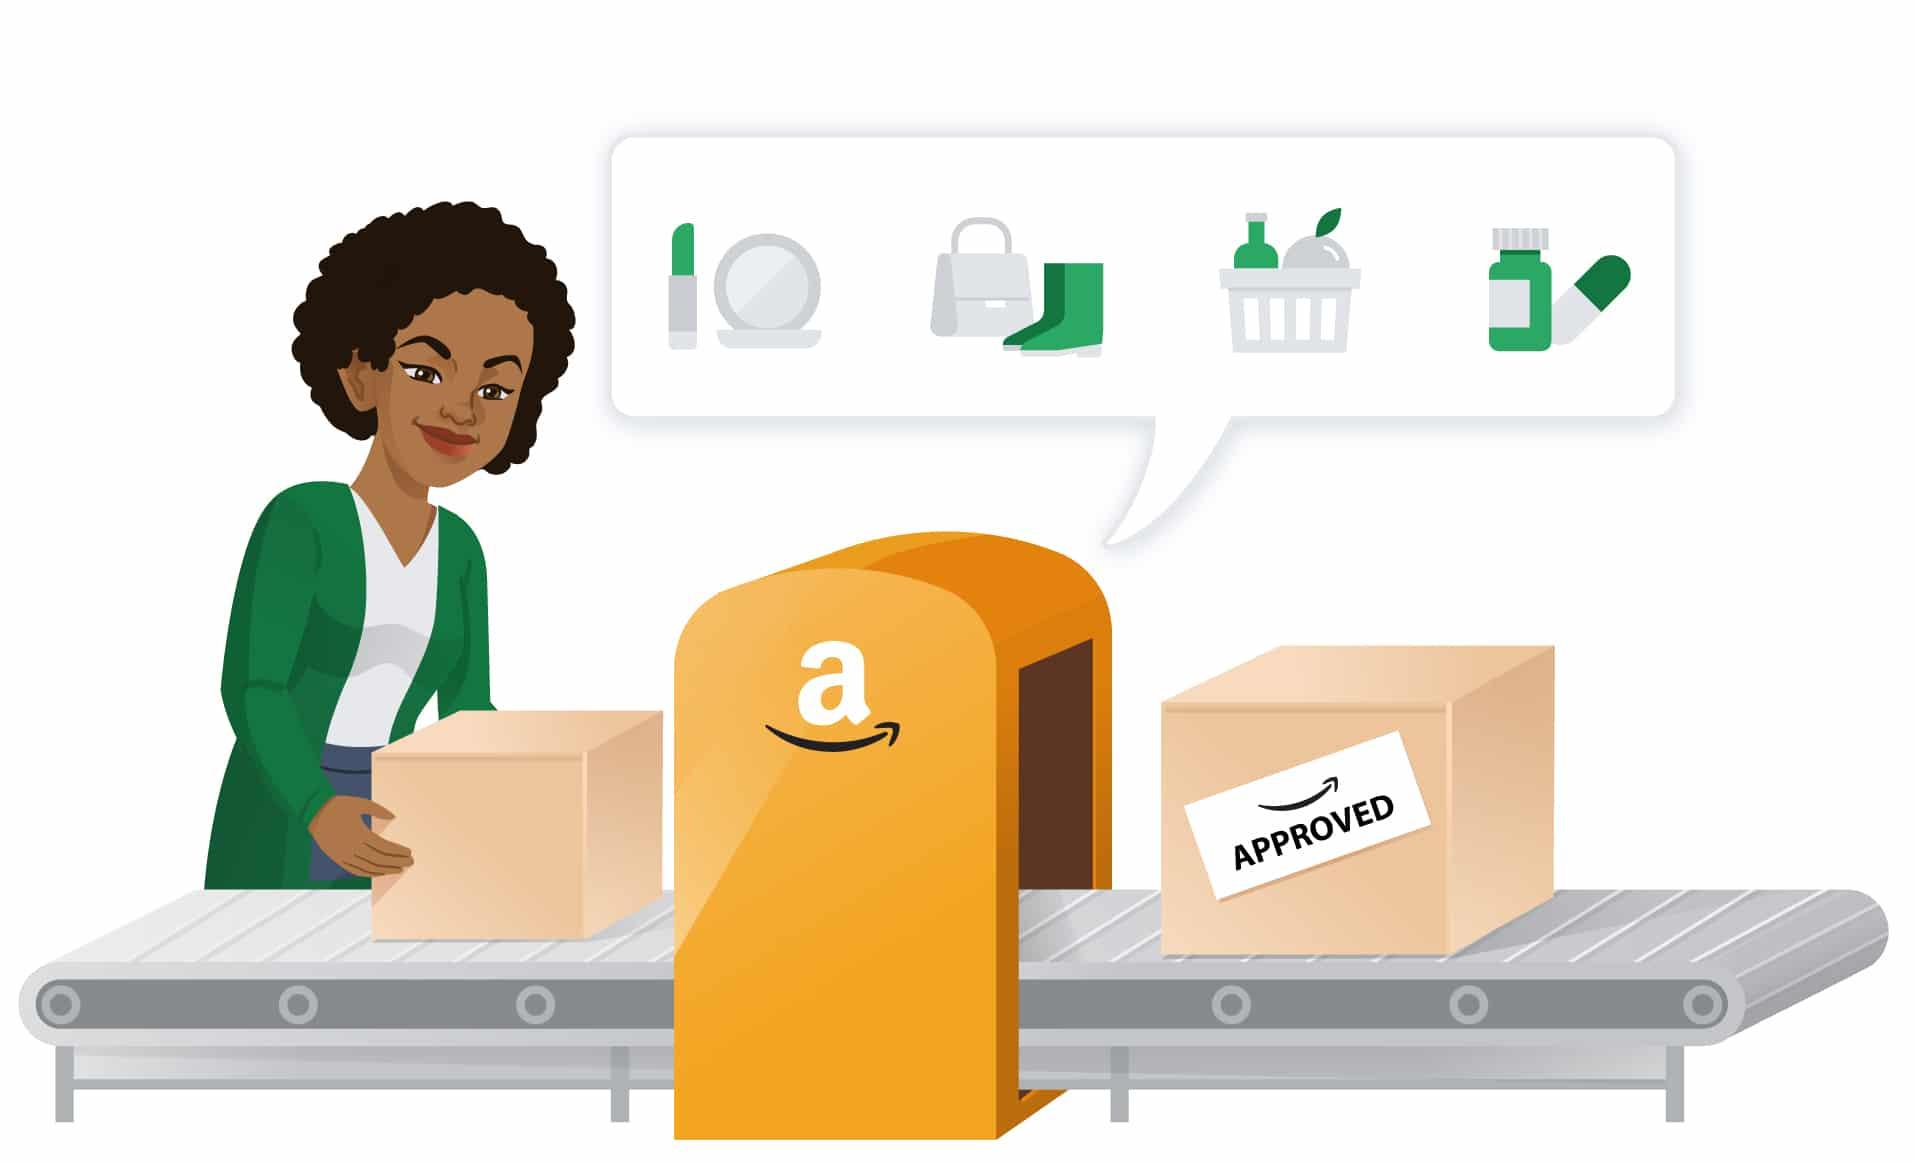 Diese Amazon Kategorien erfordern Freigaben